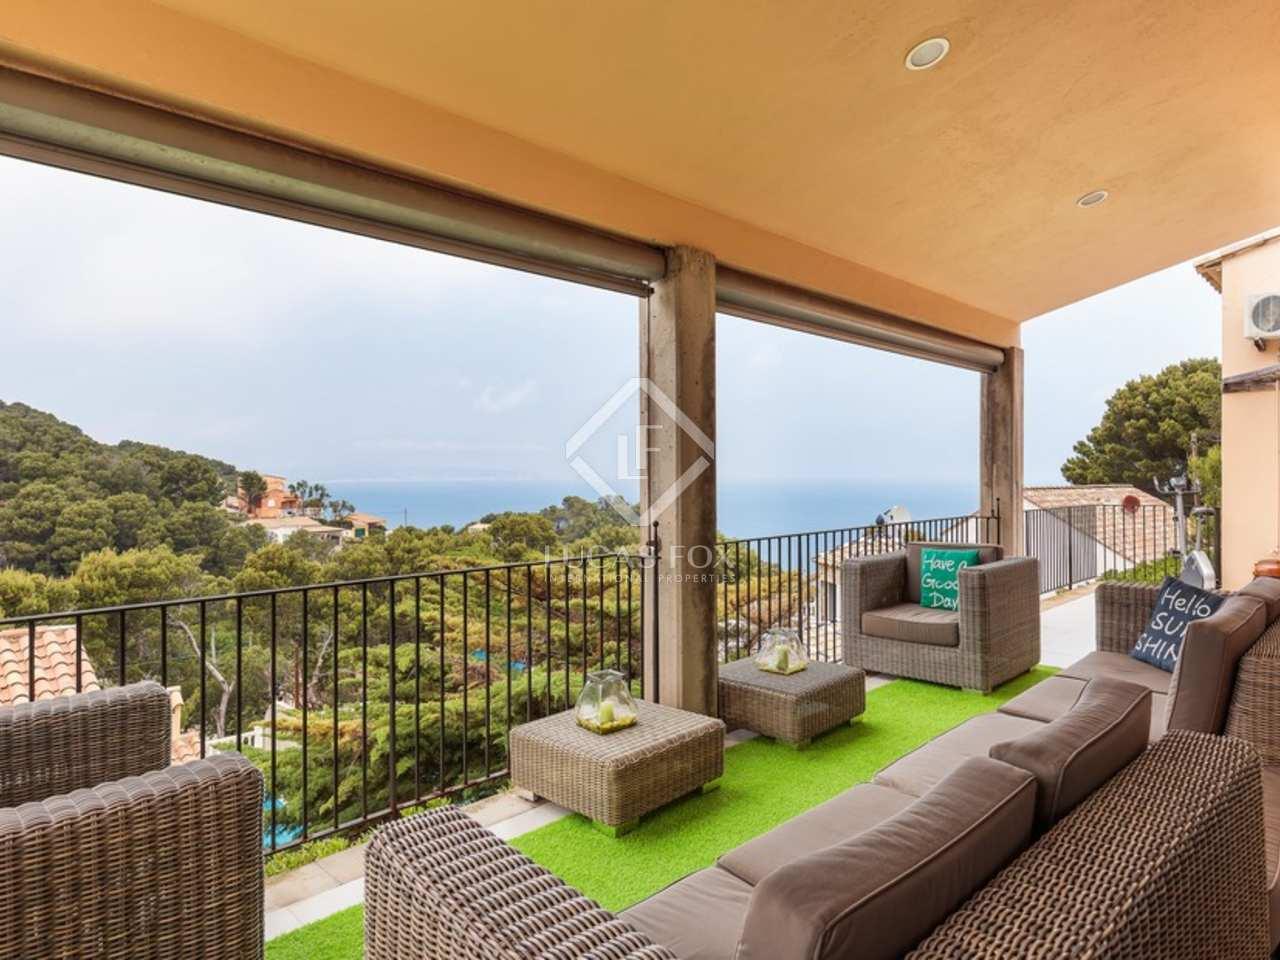 Casa de 270m en venta cerca de la playa de aiguafreda - Casa playa costa brava ...